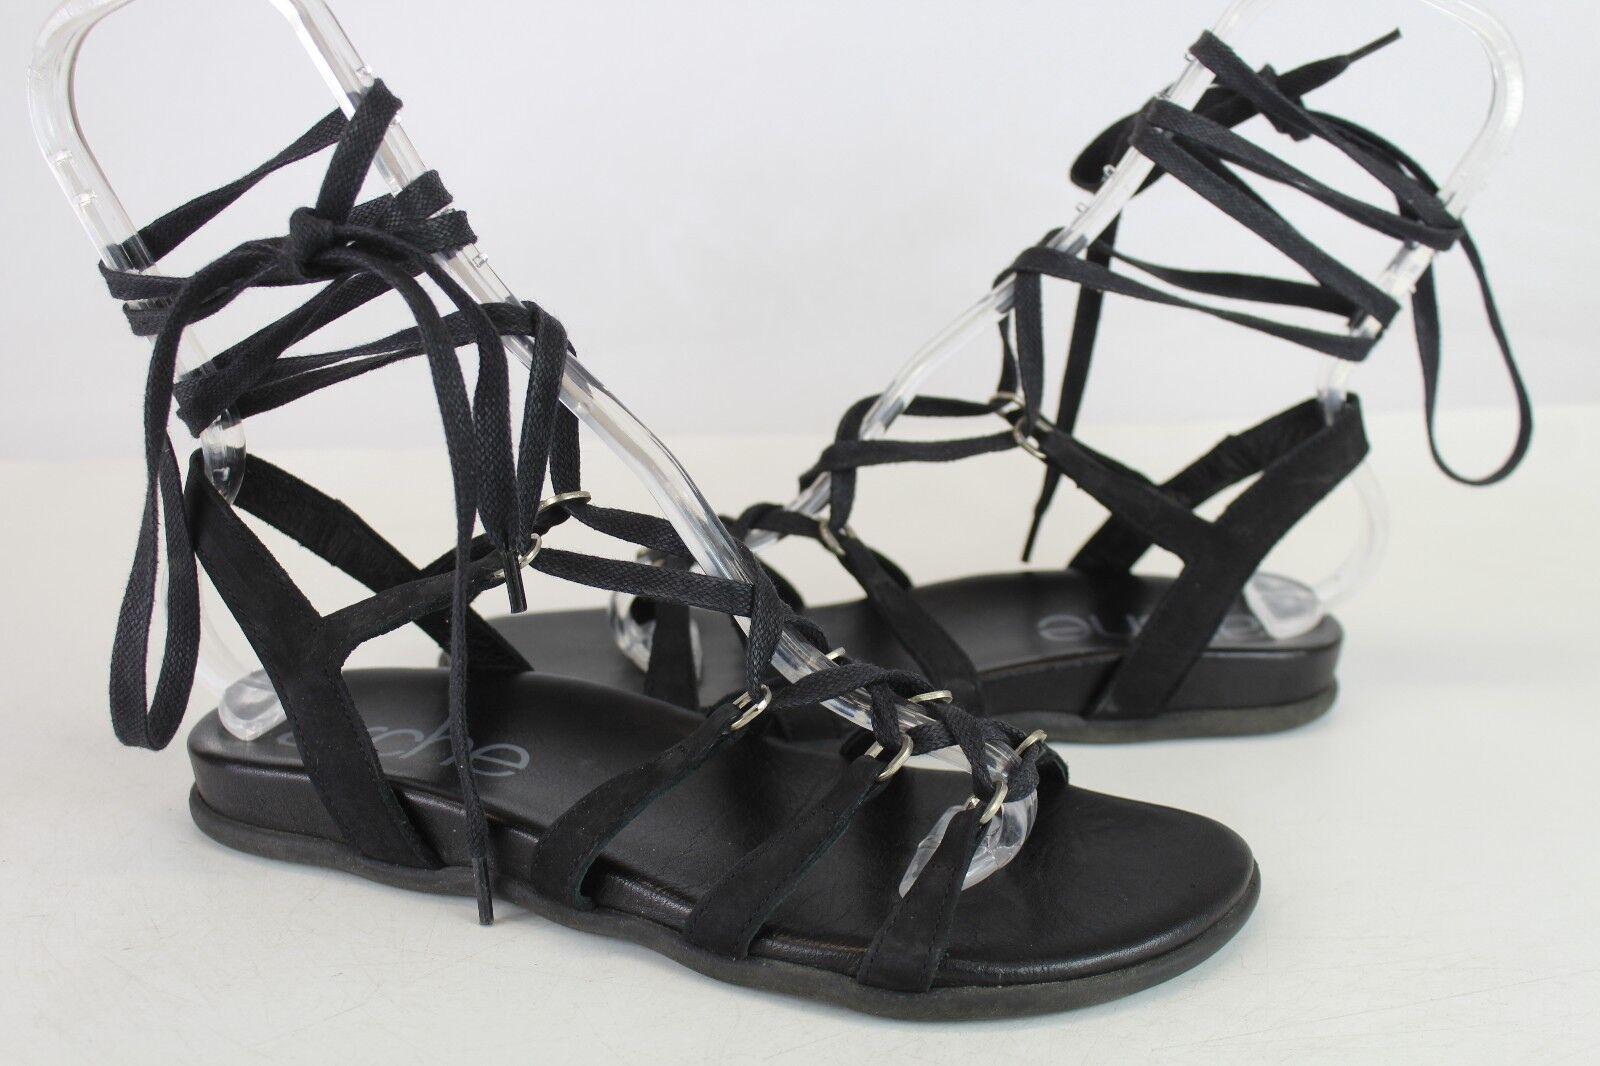 Zapatos señora zapatos arca arca arca sandalias sandalias talla 37 muy bonito top estado (al 145)  más vendido